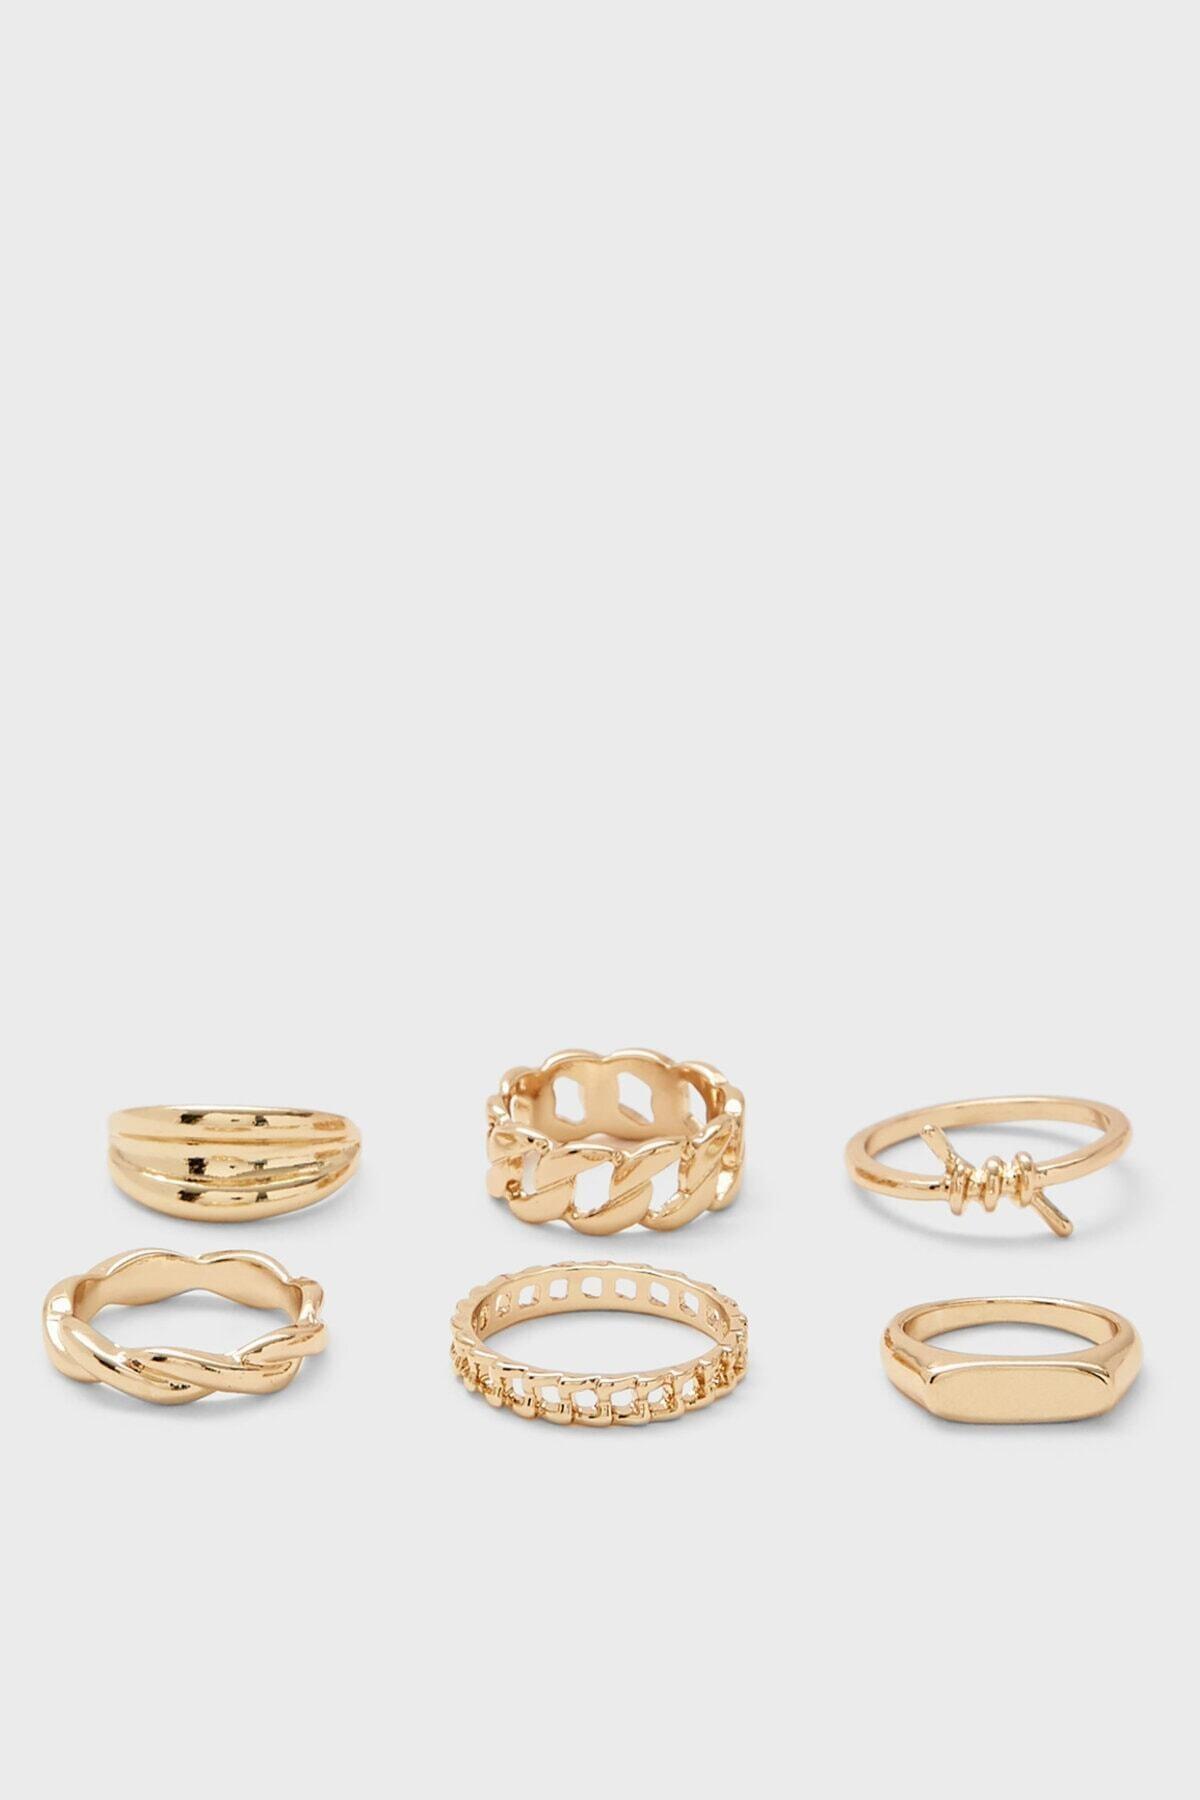 6'lı Düğüm Yüzük Seti Altın Rengi